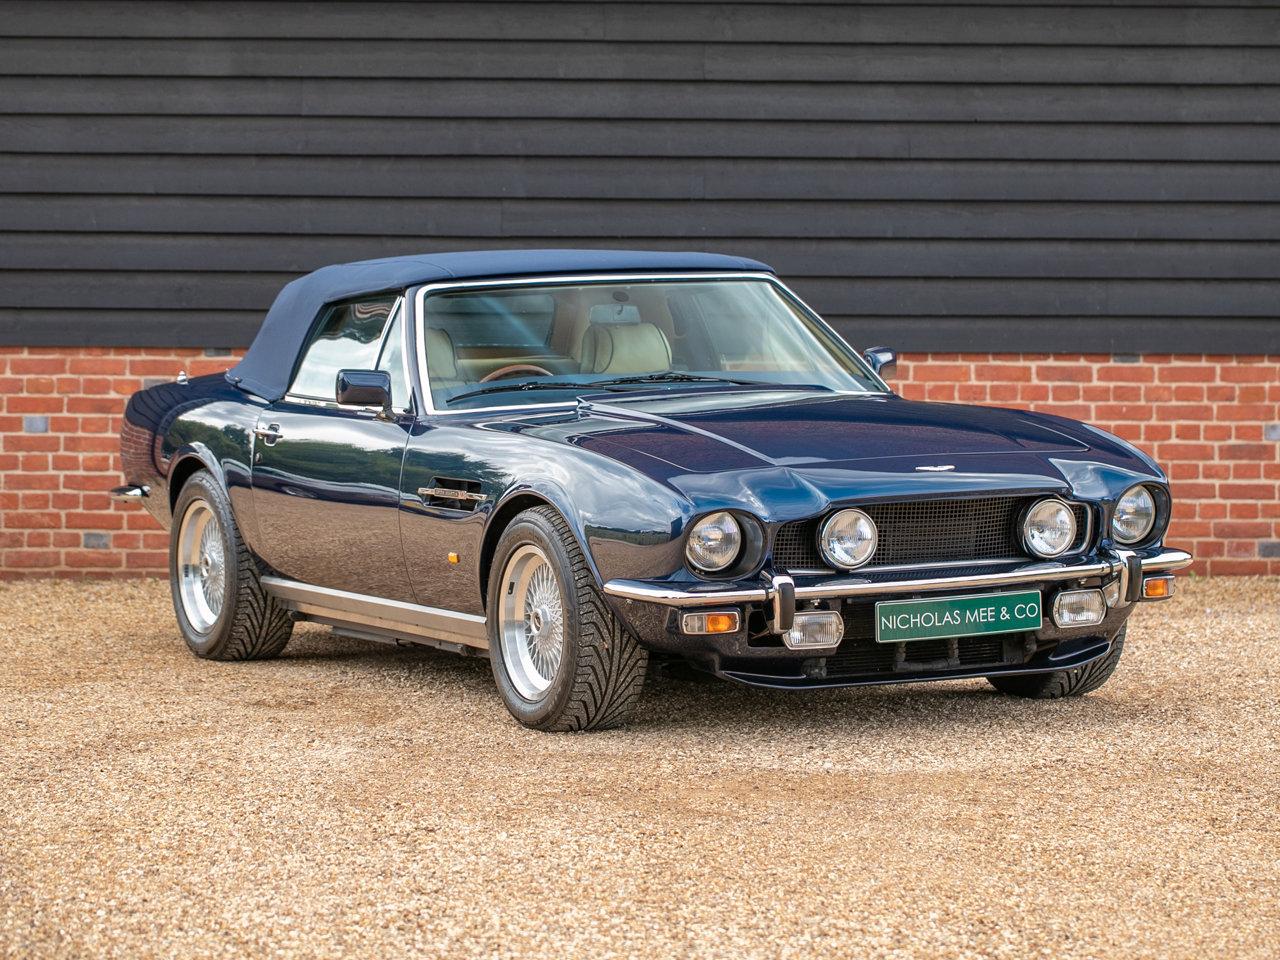 1987 Aston Martin V8 Volante EFi For Sale (picture 1 of 6)